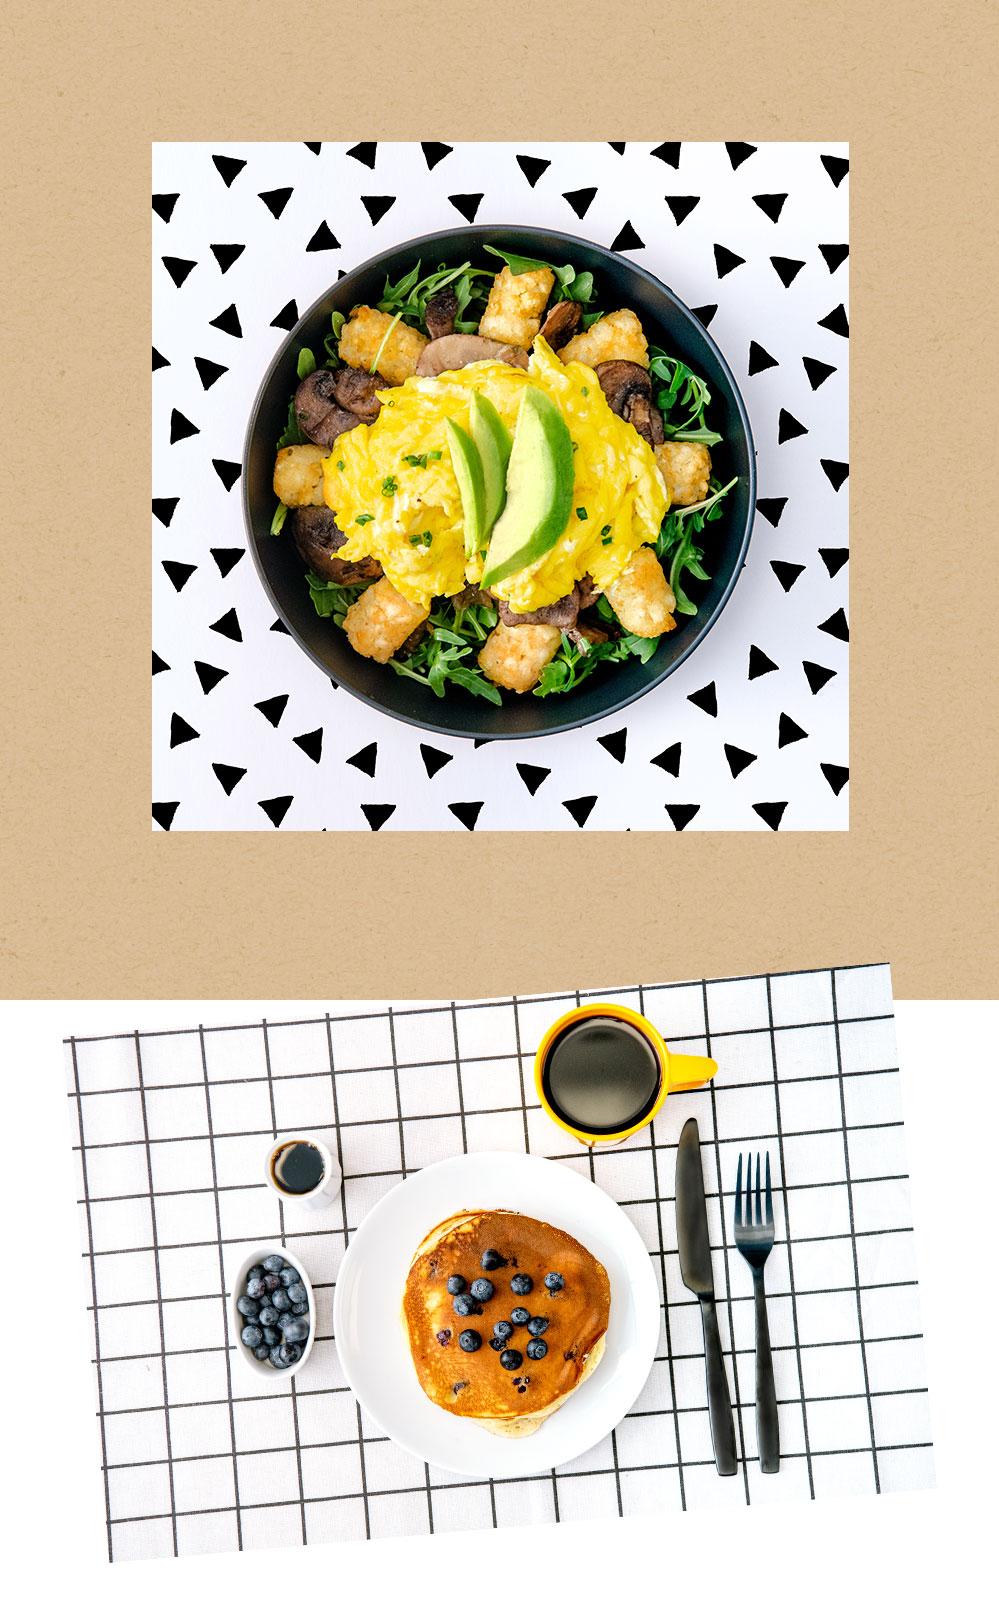 menu-images_05.jpg